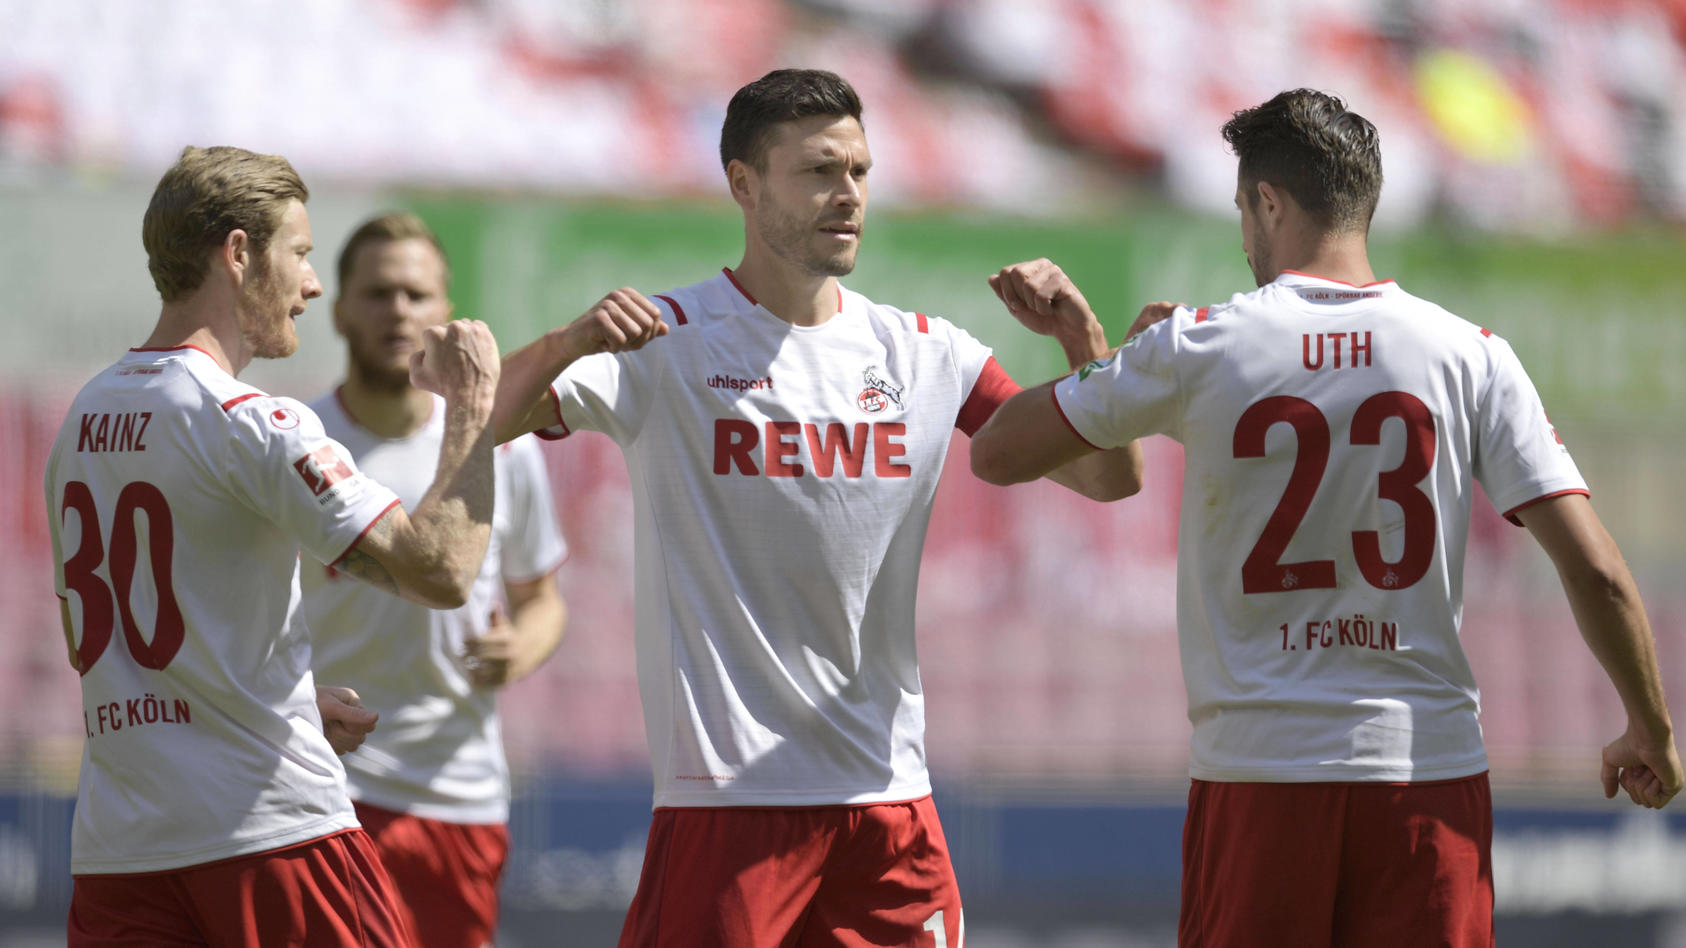 Der 1. FC Köln will gegen Fortuna Düsseldorf wieder jubeln